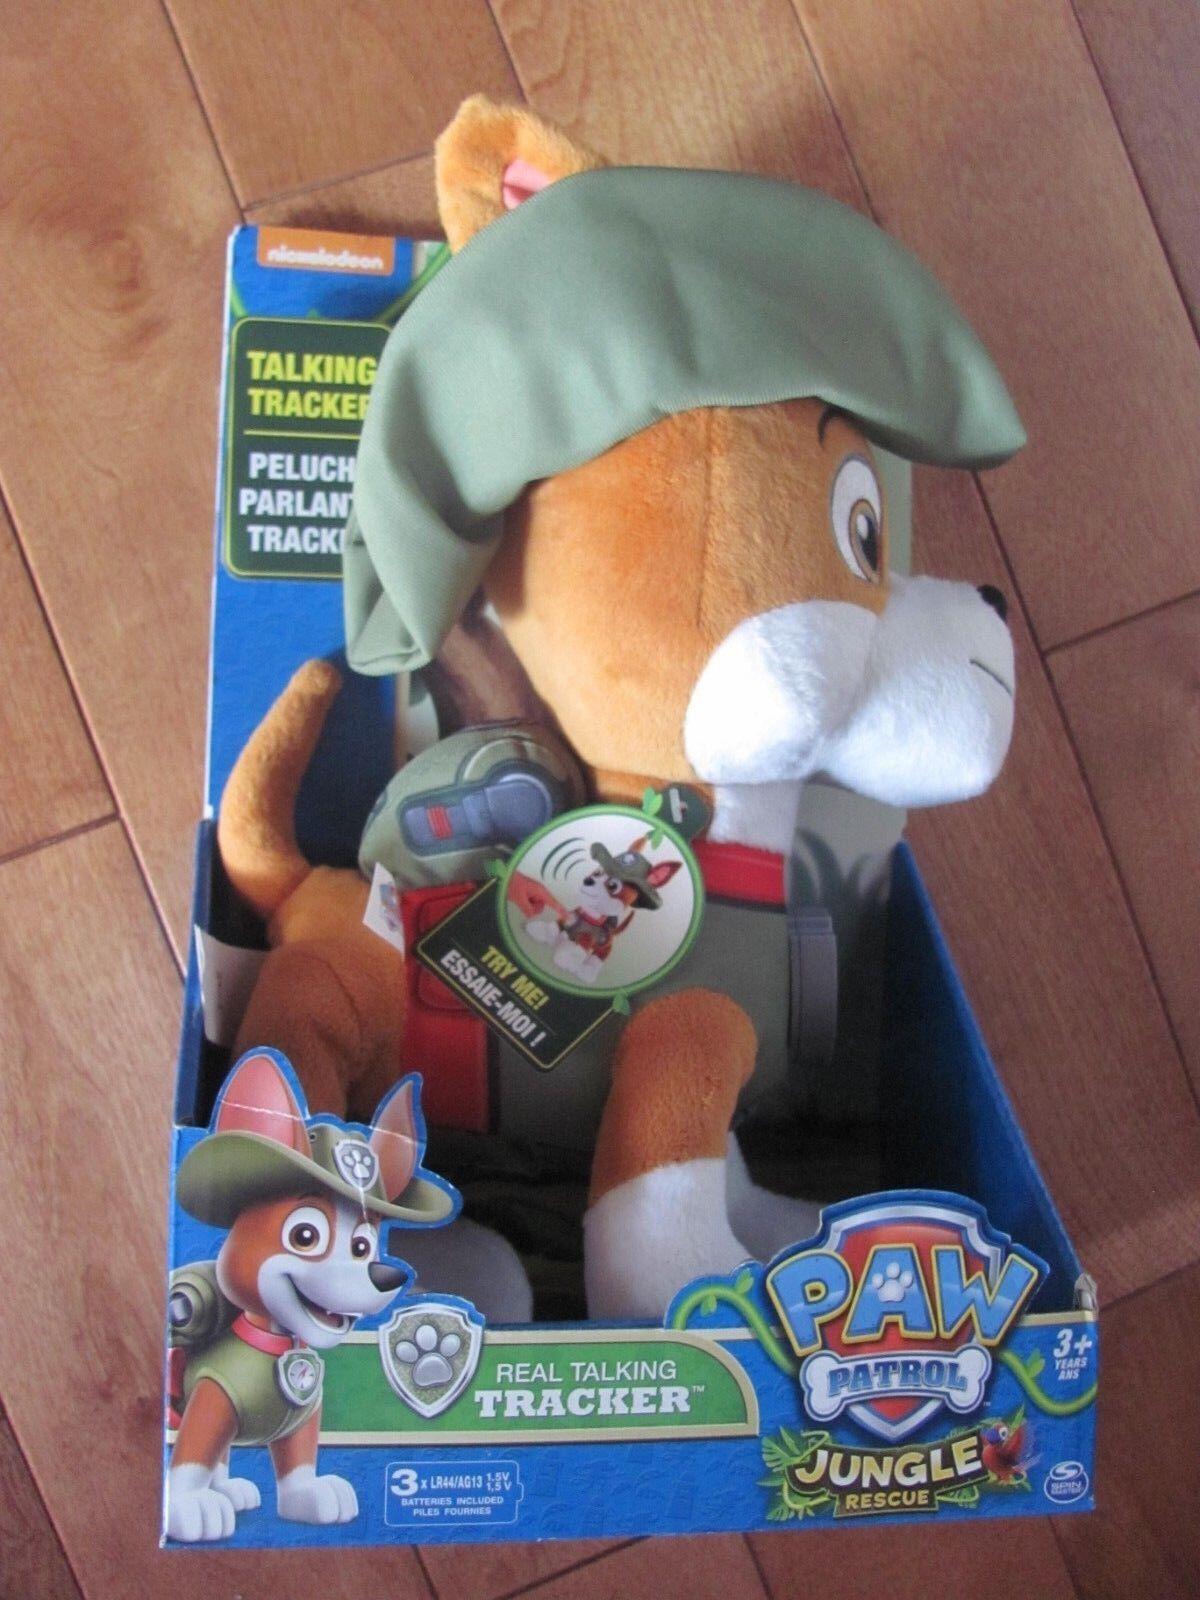 Paw Patrol Jungle Rescue Tracker Peluche Parlante 12  Parlare Inglese &